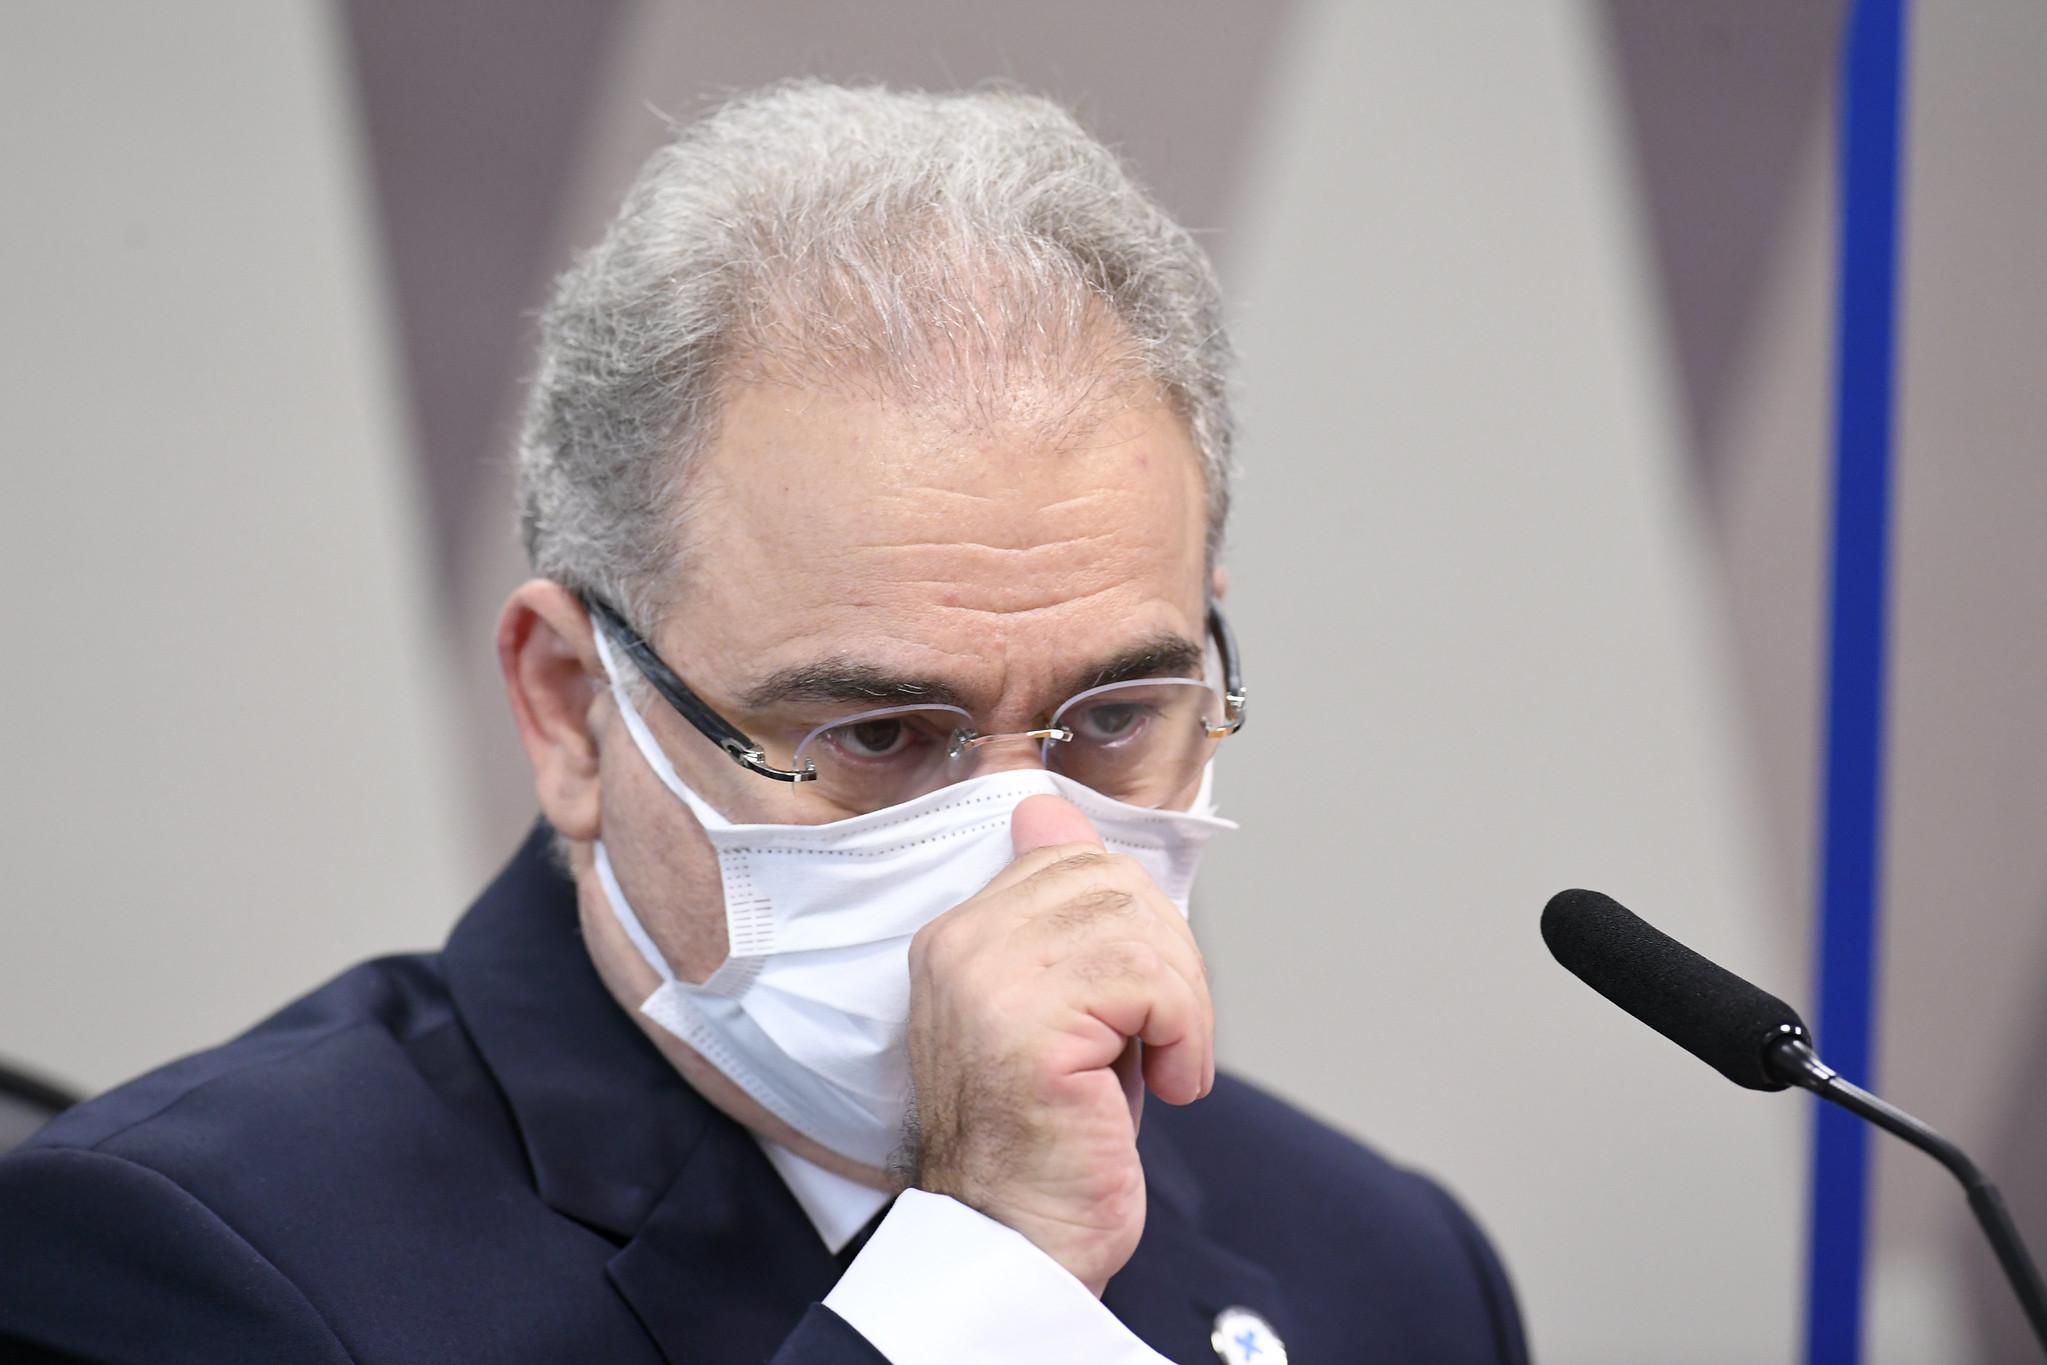 Queiroga diz que não vai retirar protocolo da cloroquina do site da Saúde